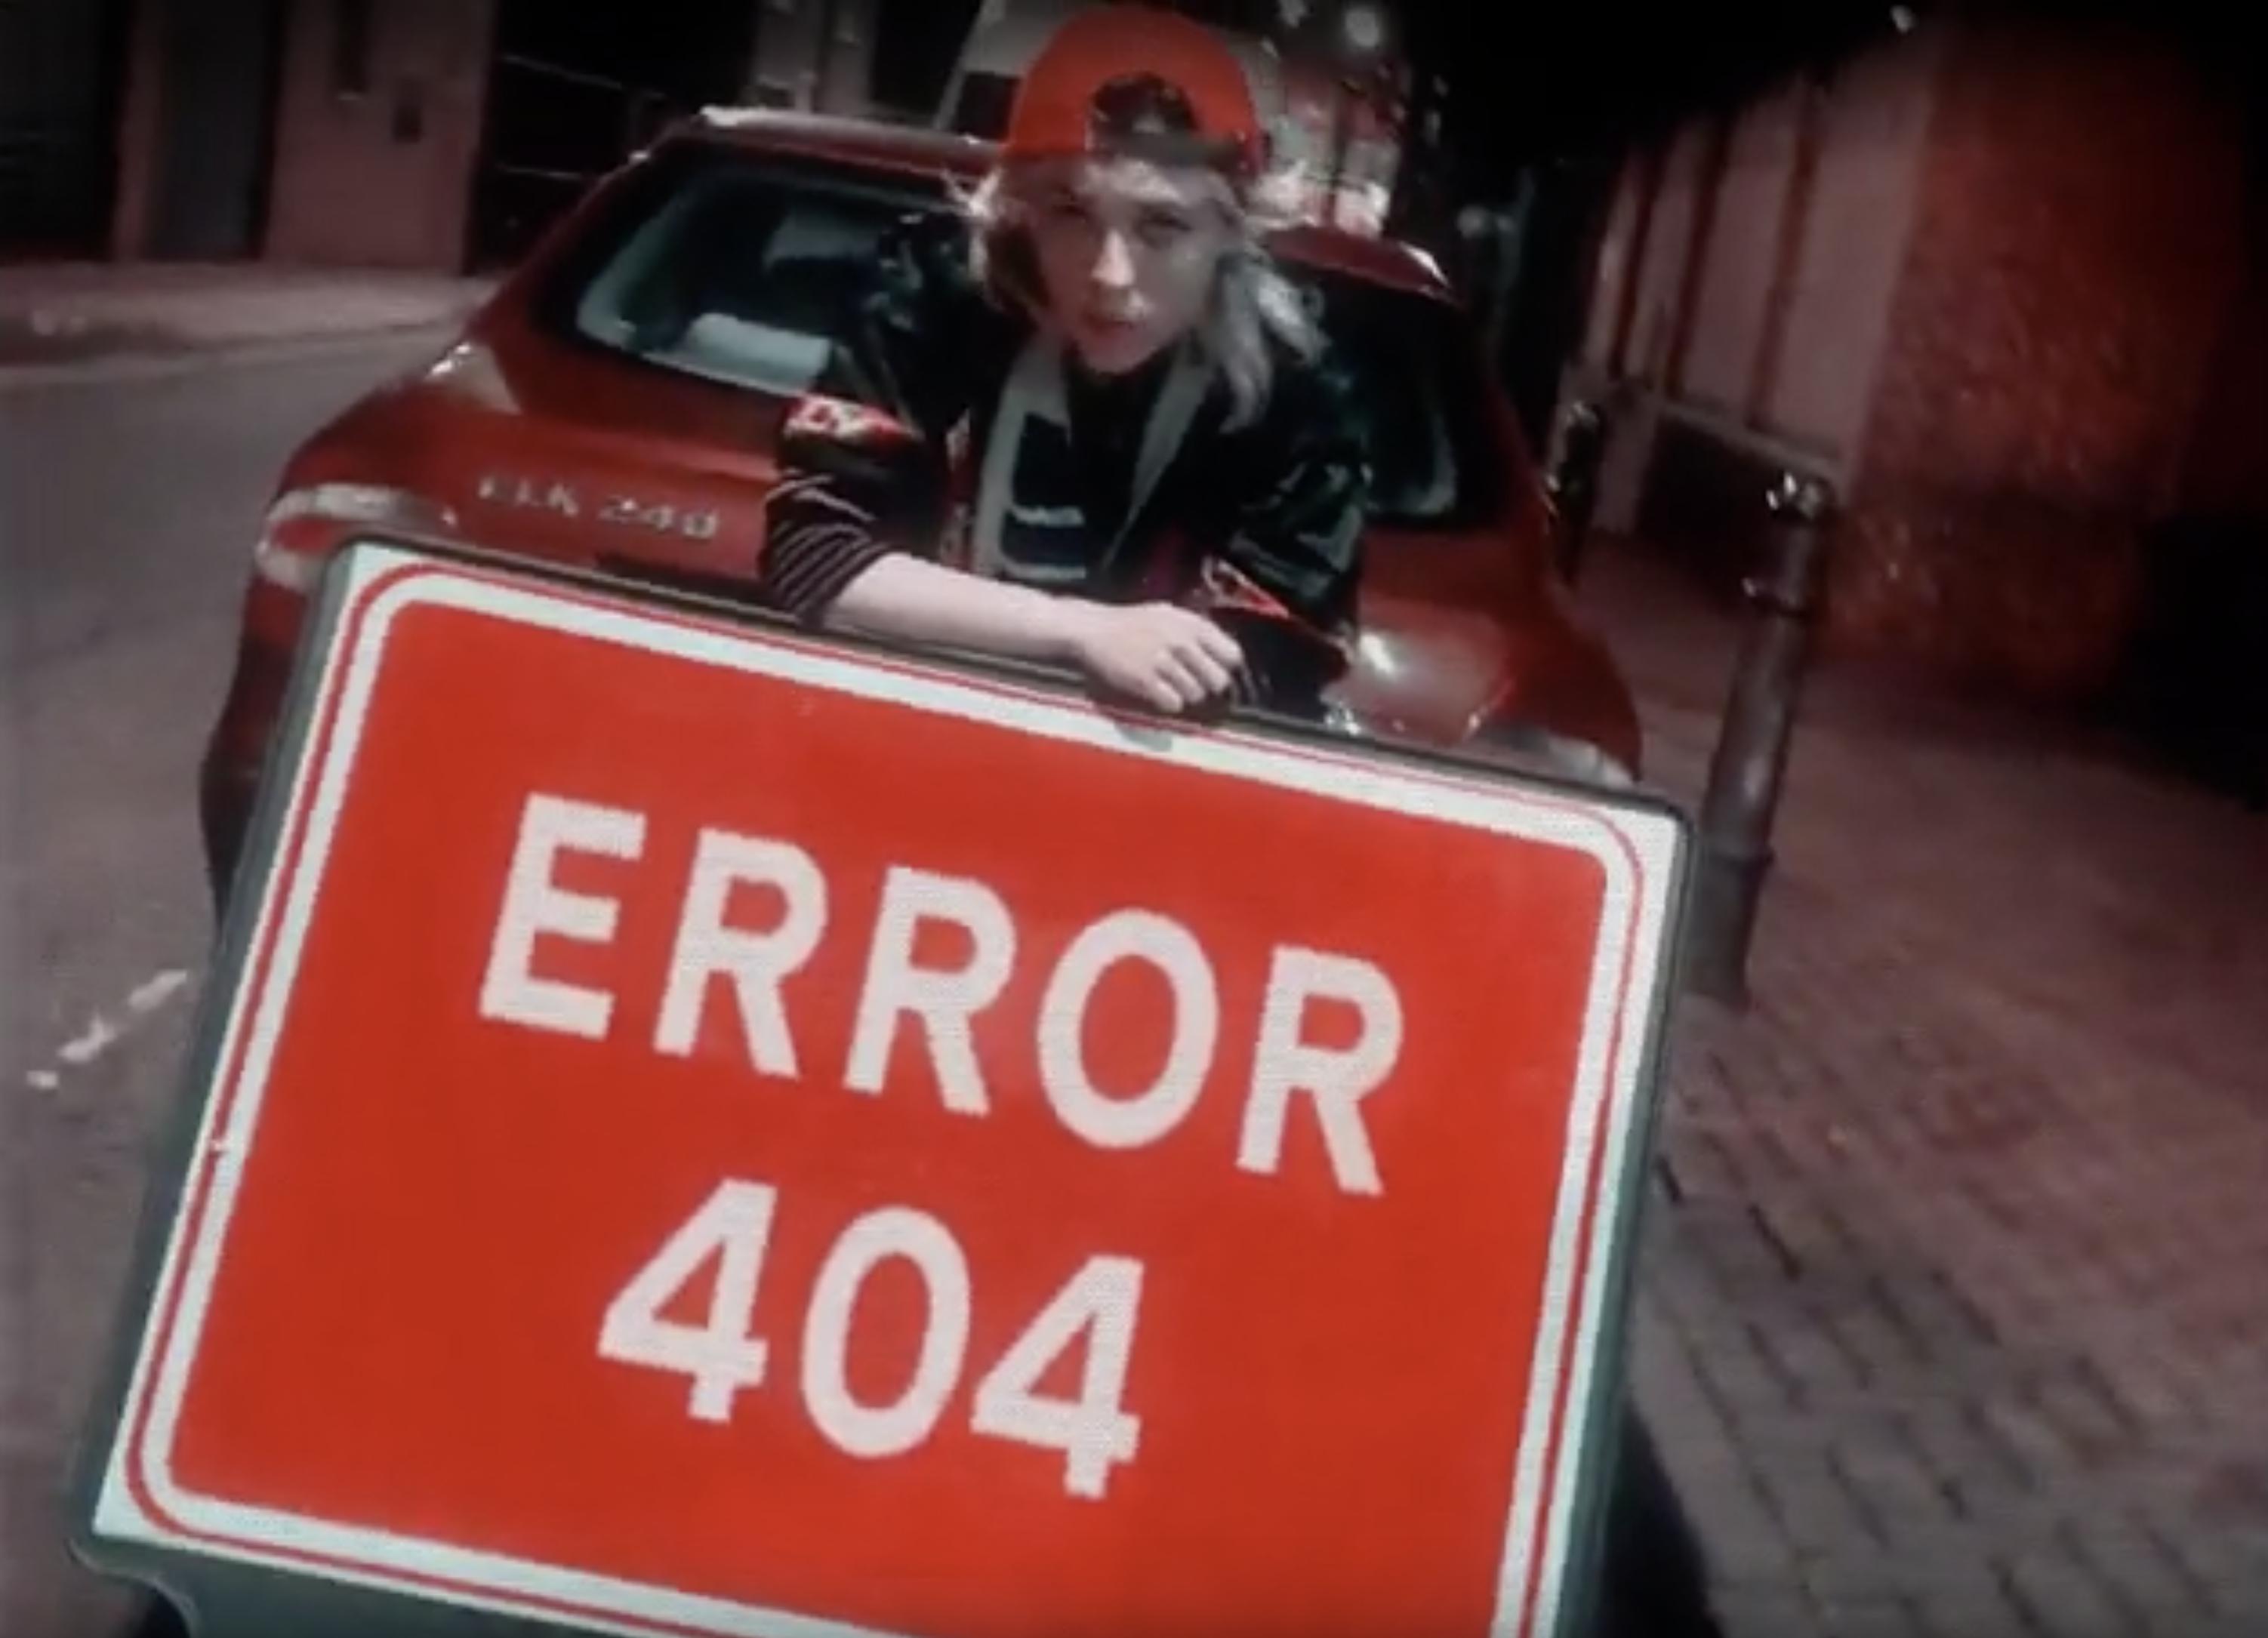 Muziek: Error 404